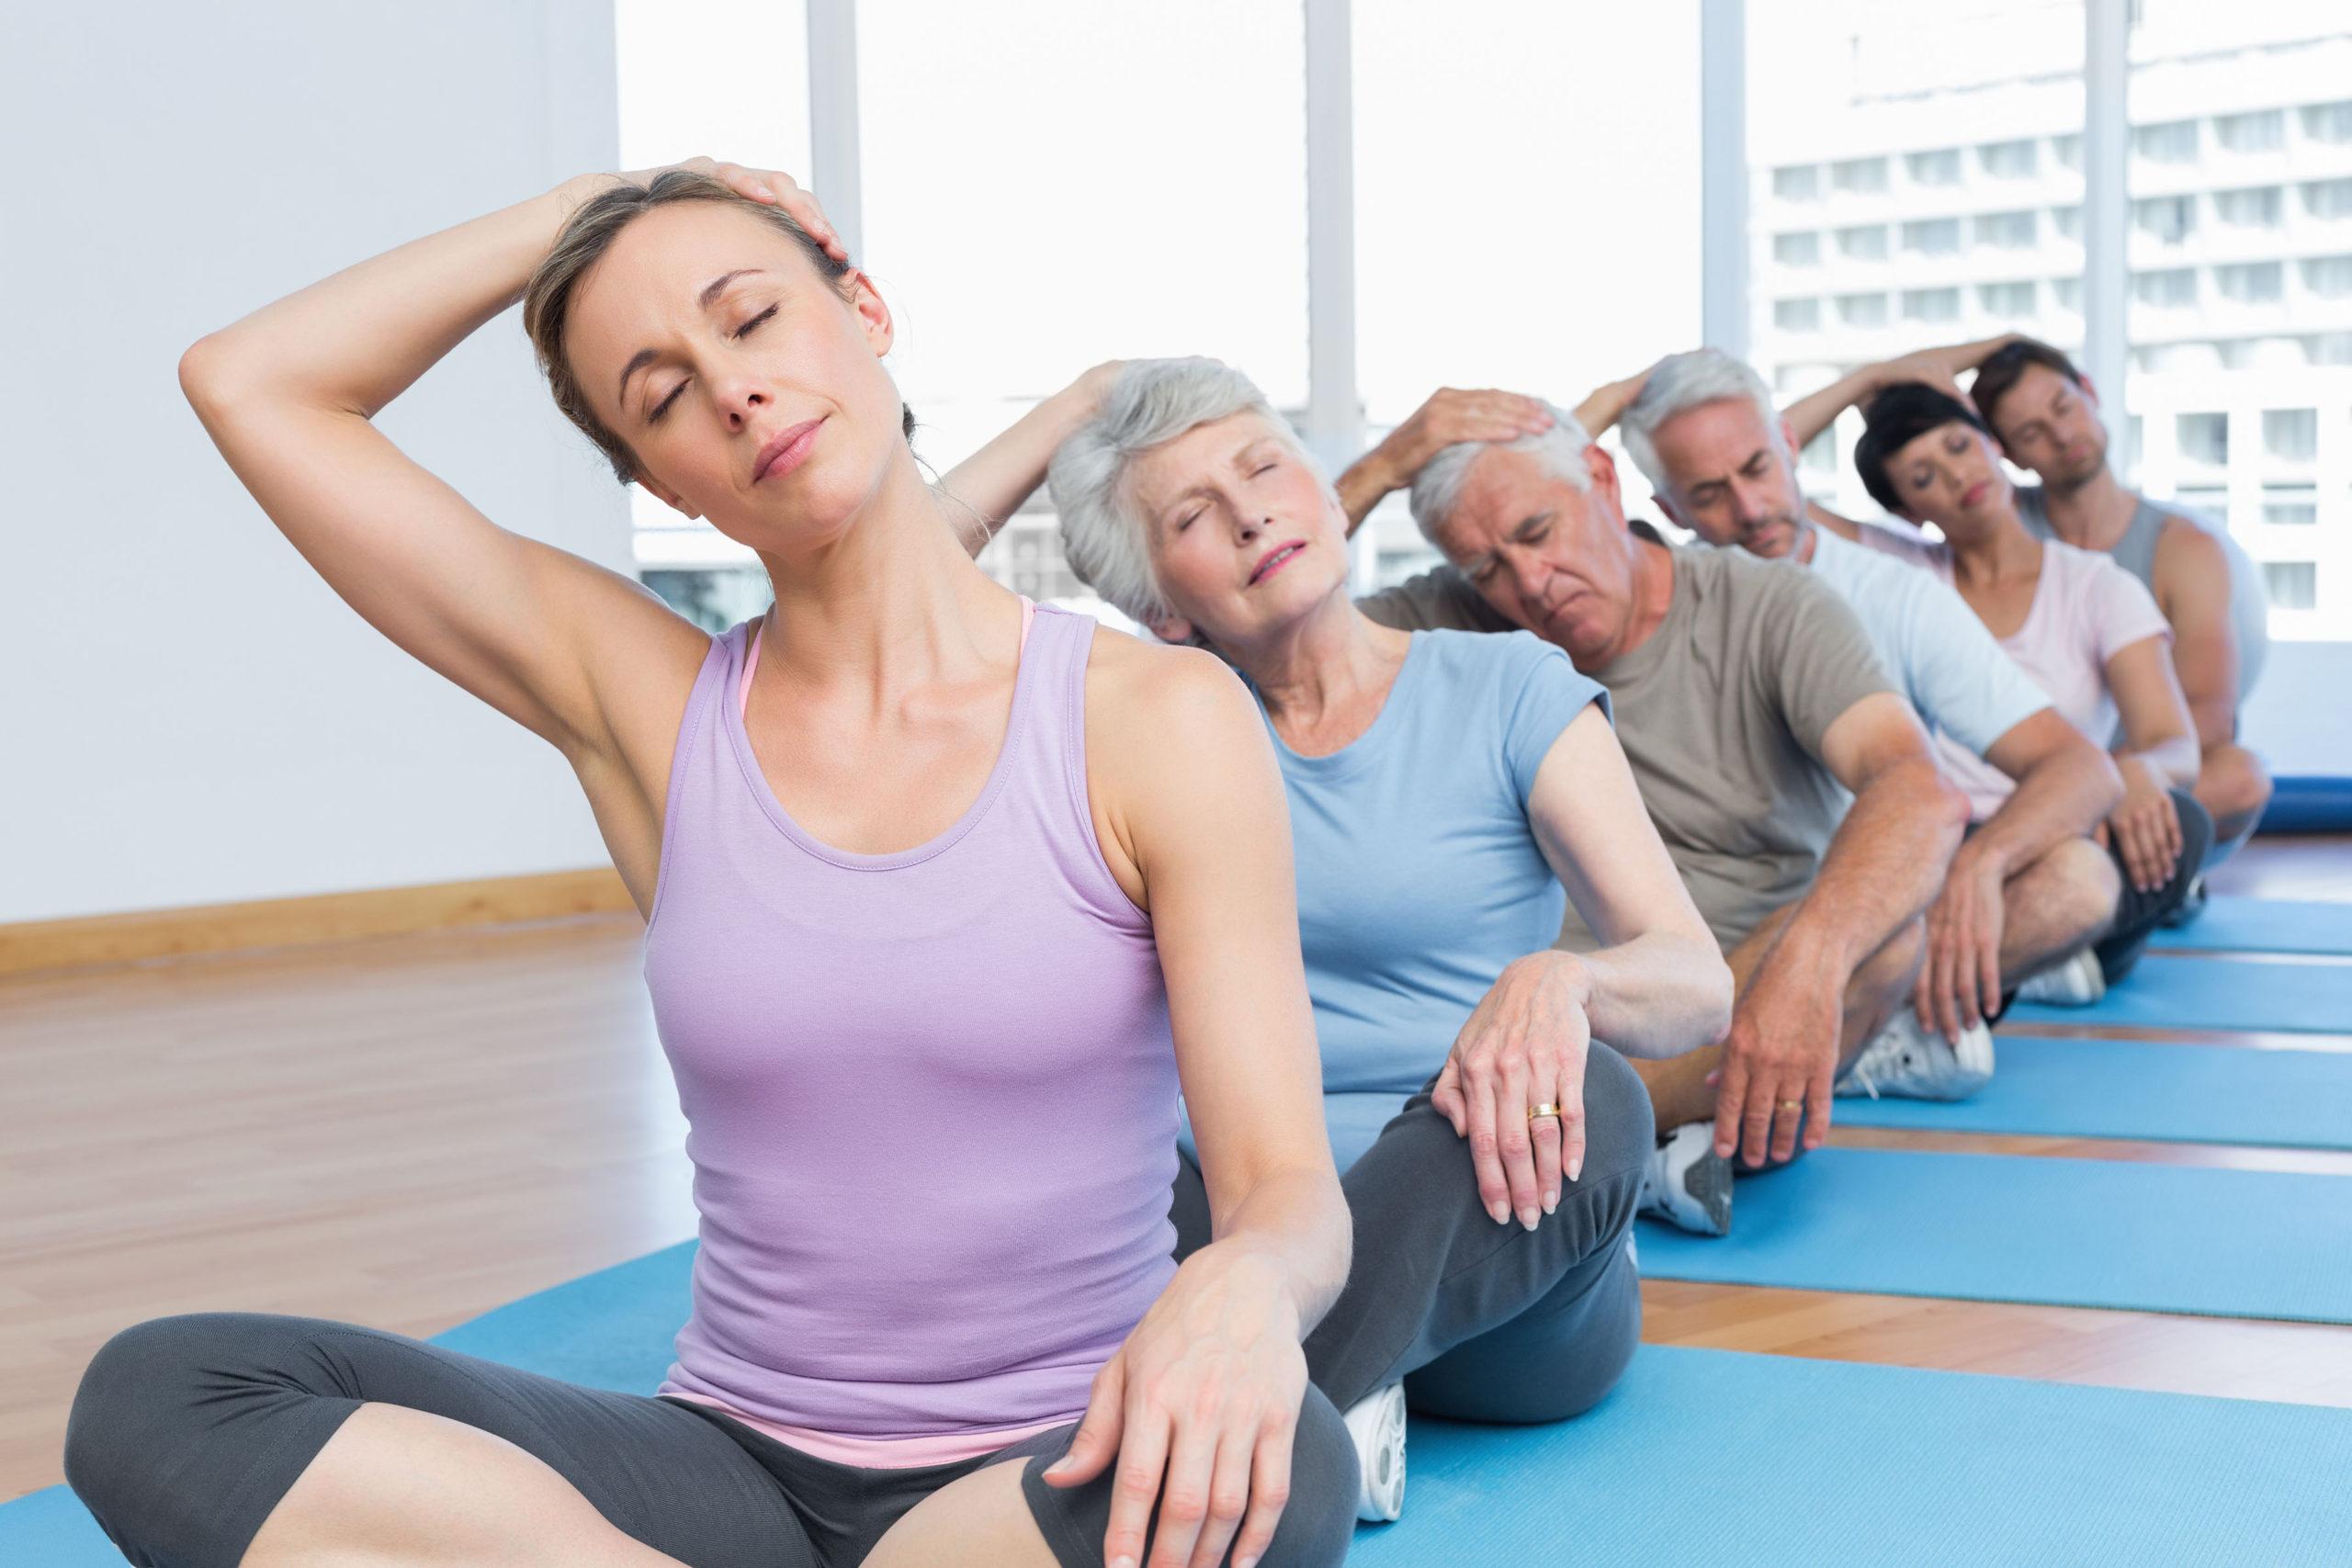 group-exercise-classes-social-bonding